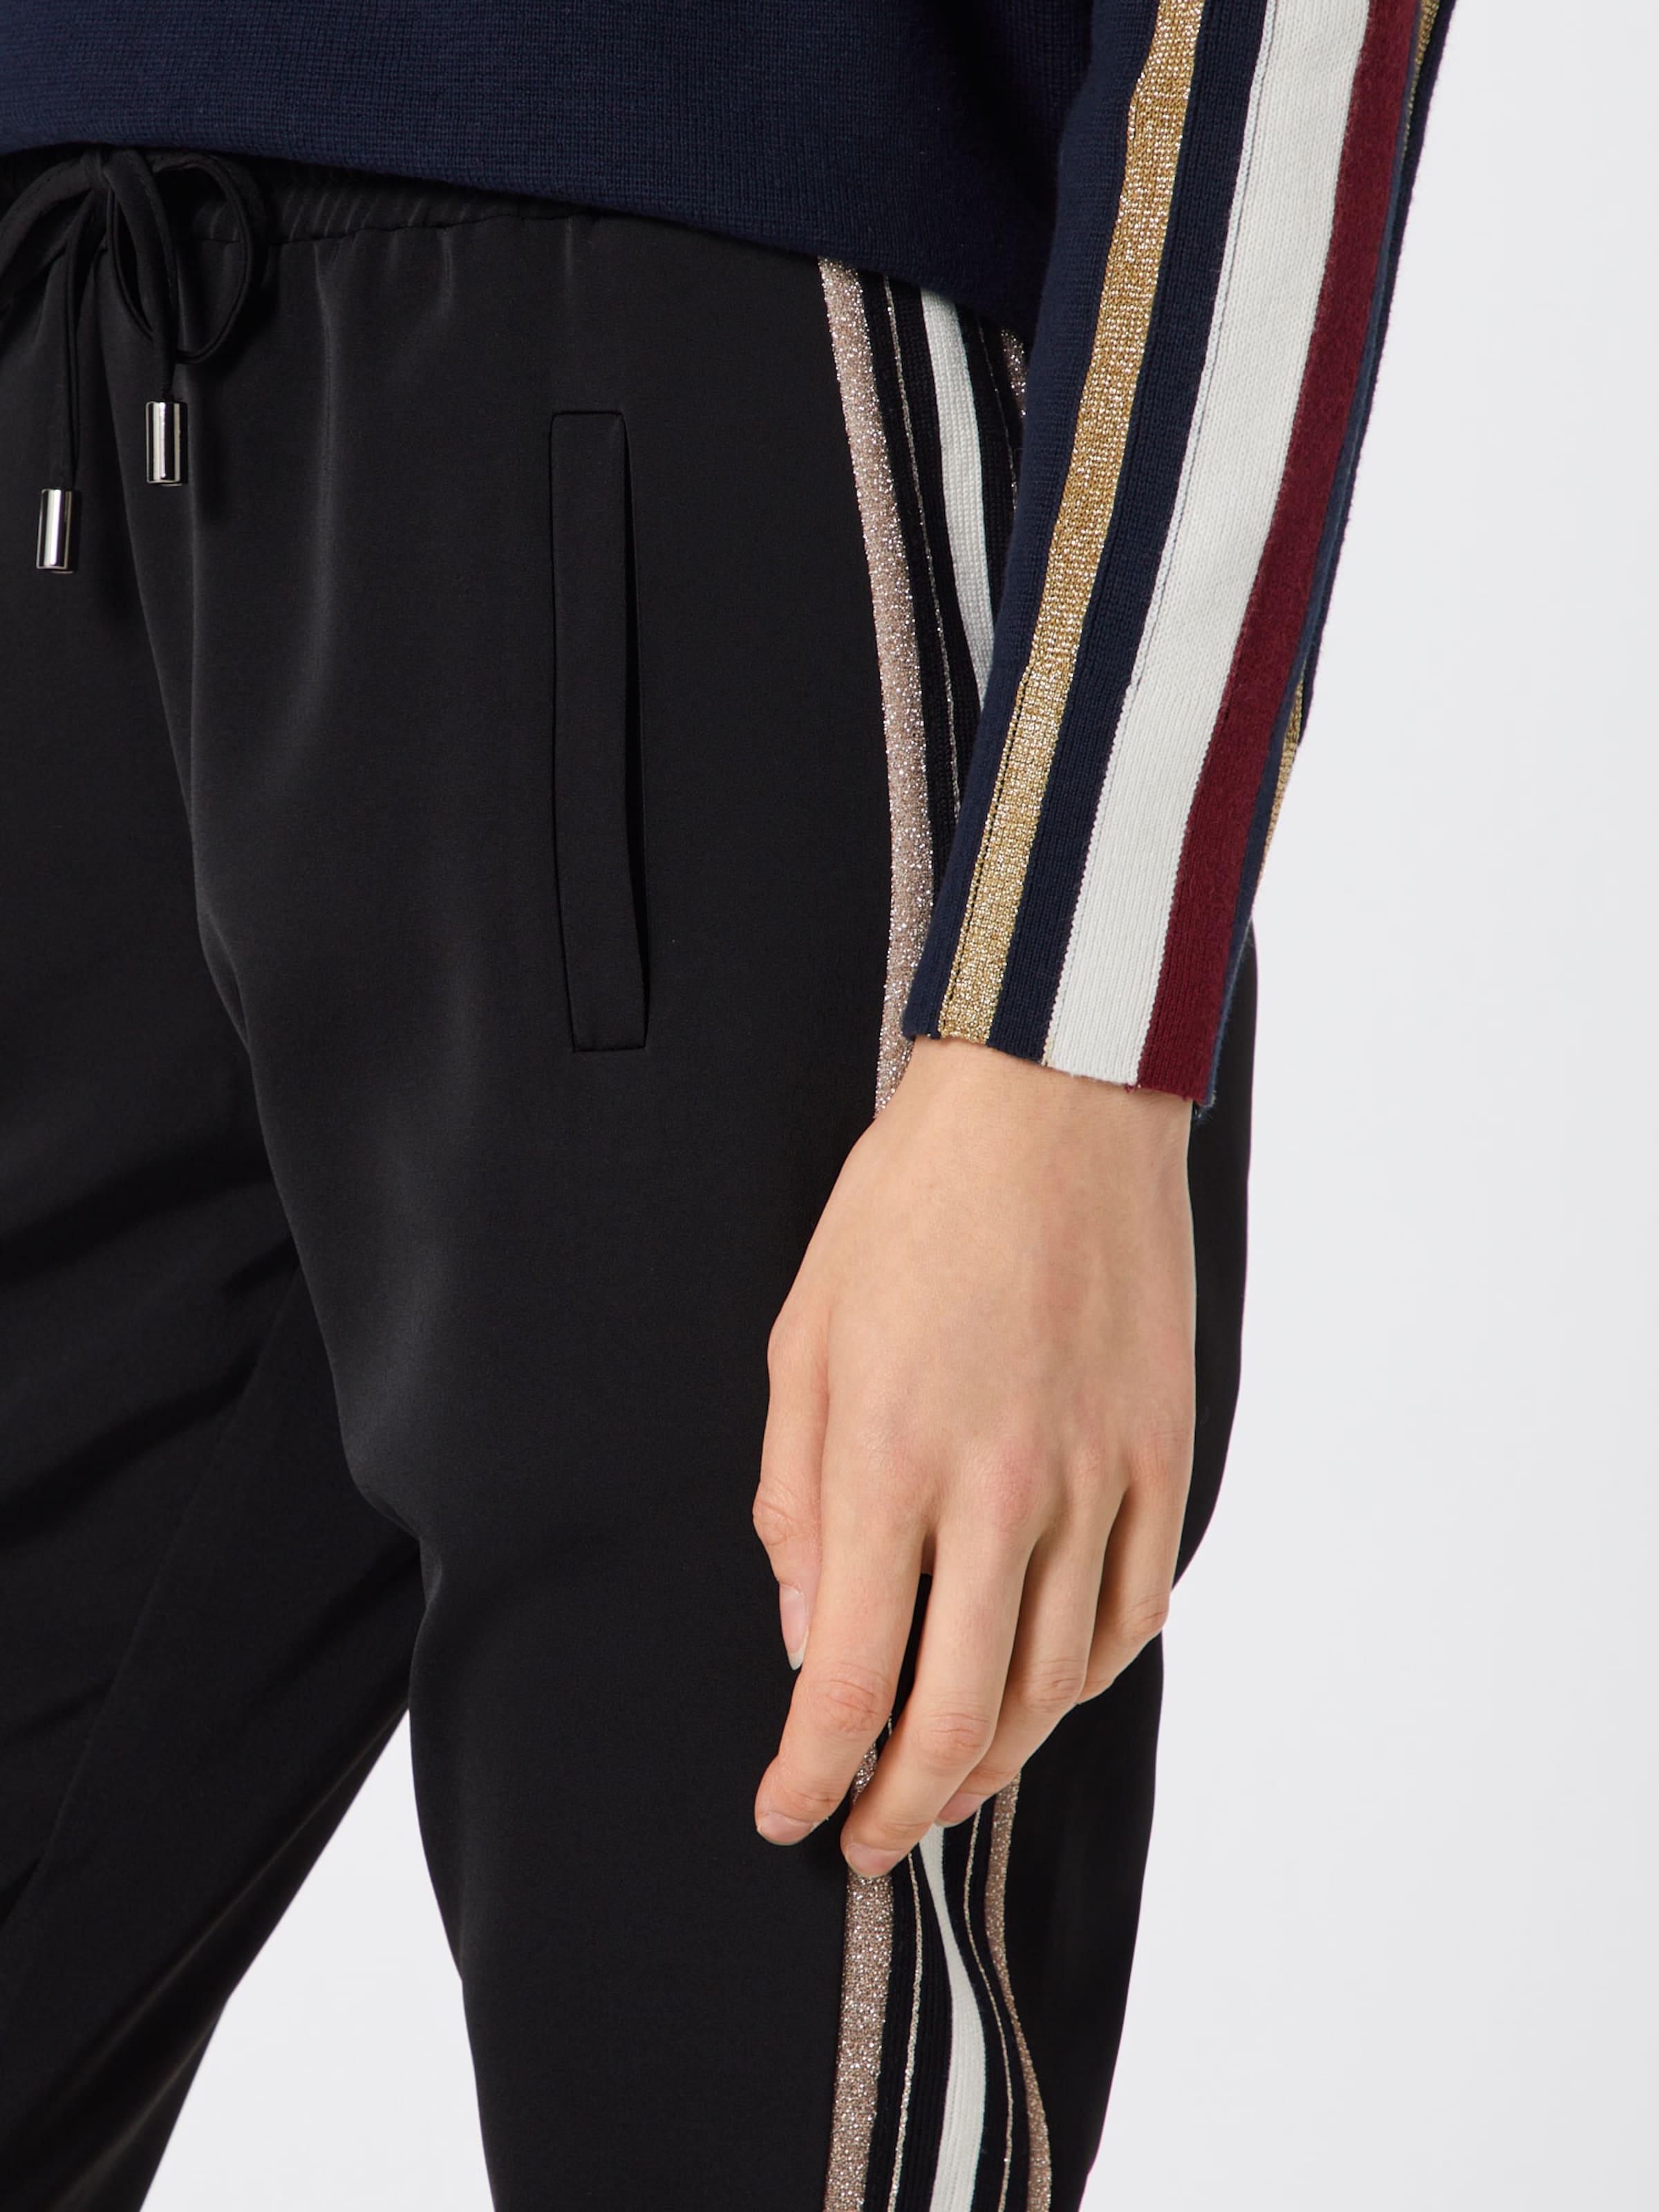 'durite' En Pantalon Noir Pantalon Noir Culture Pantalon En 'durite' Culture Culture 1TKJlFc